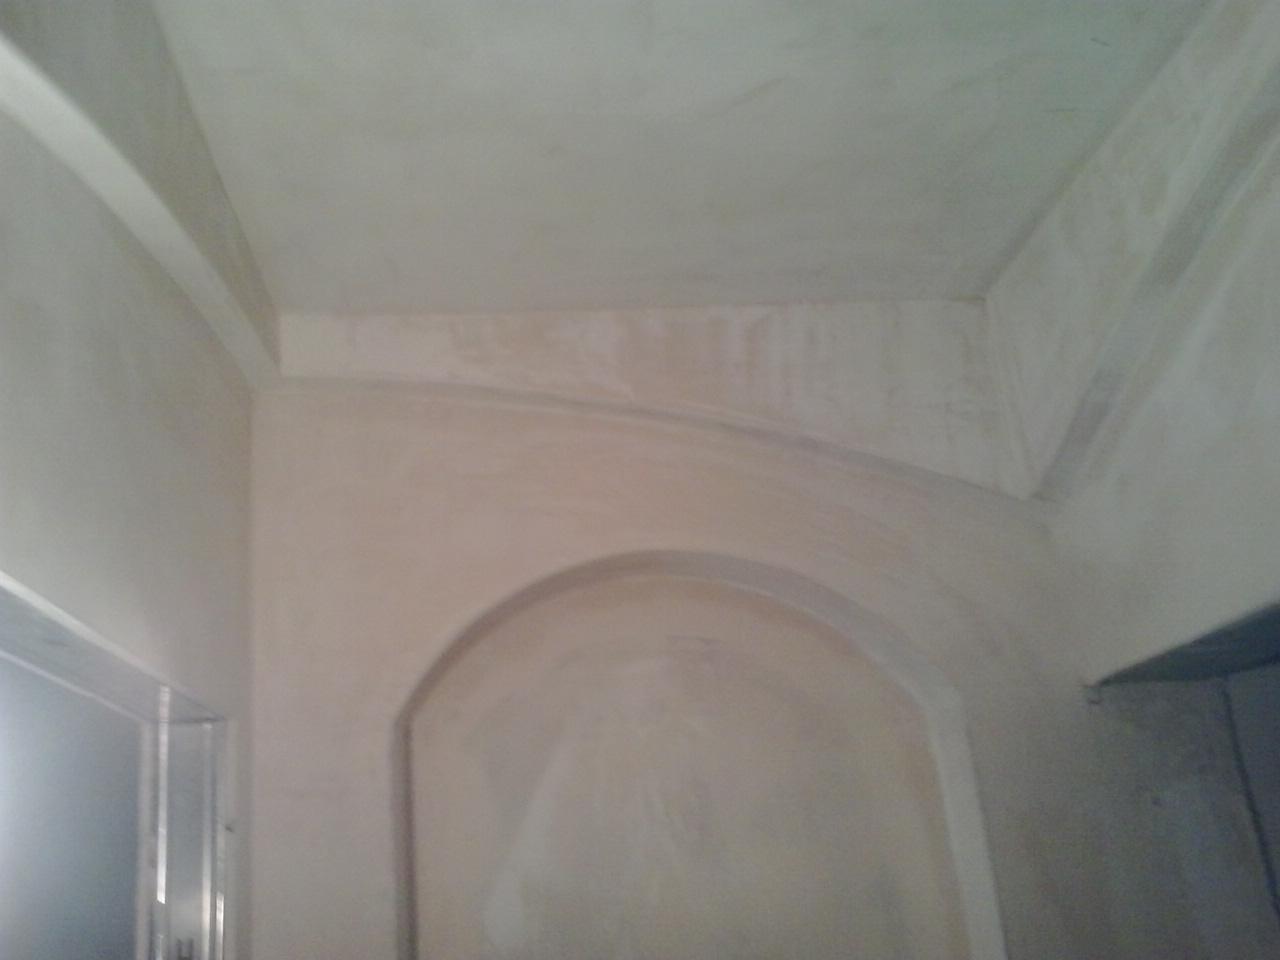 Фото Ниша из гипсокартона с подсветкой в верхней части арки. Стена еще не оклеена обоями, ниша не покрашена. На работу ушло  полтора дня.